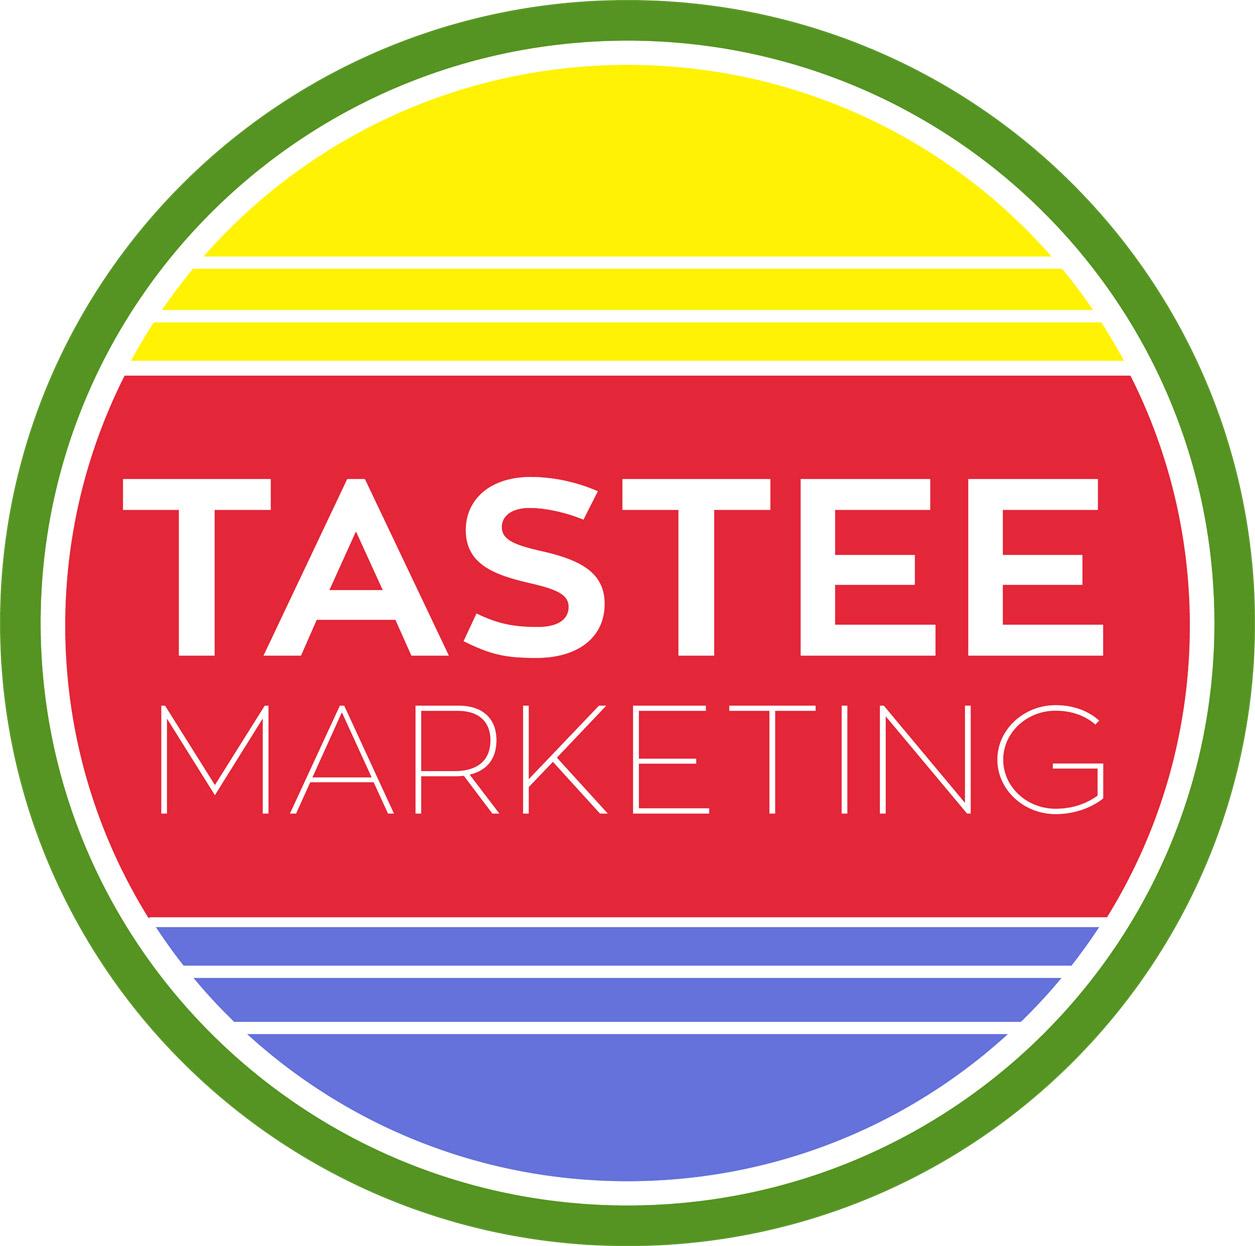 Tastee Marketing